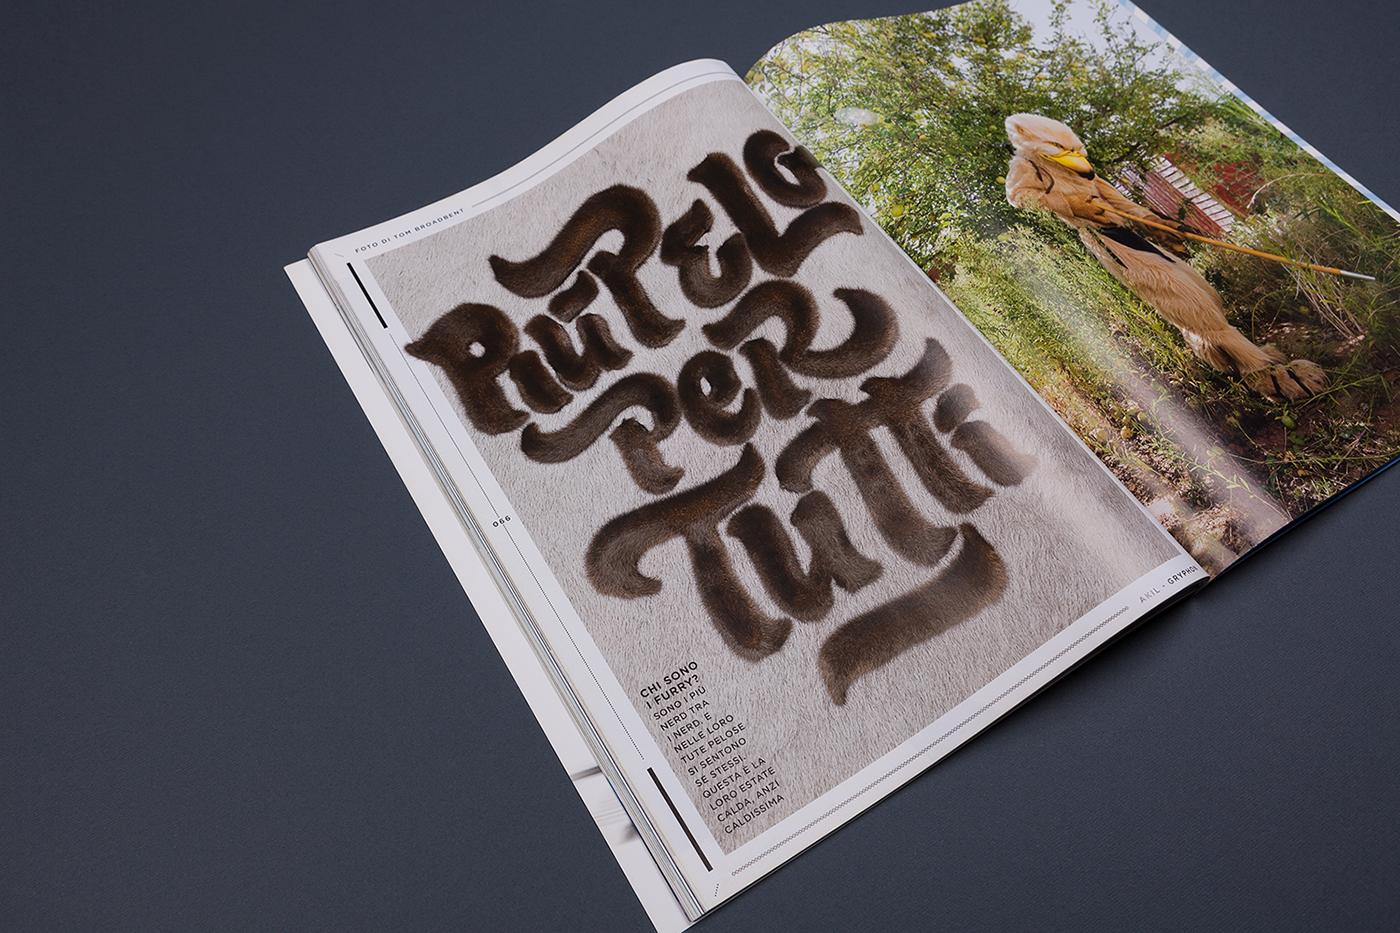 Design Per Tutti Com più pelo per tutti | wired italy on behance